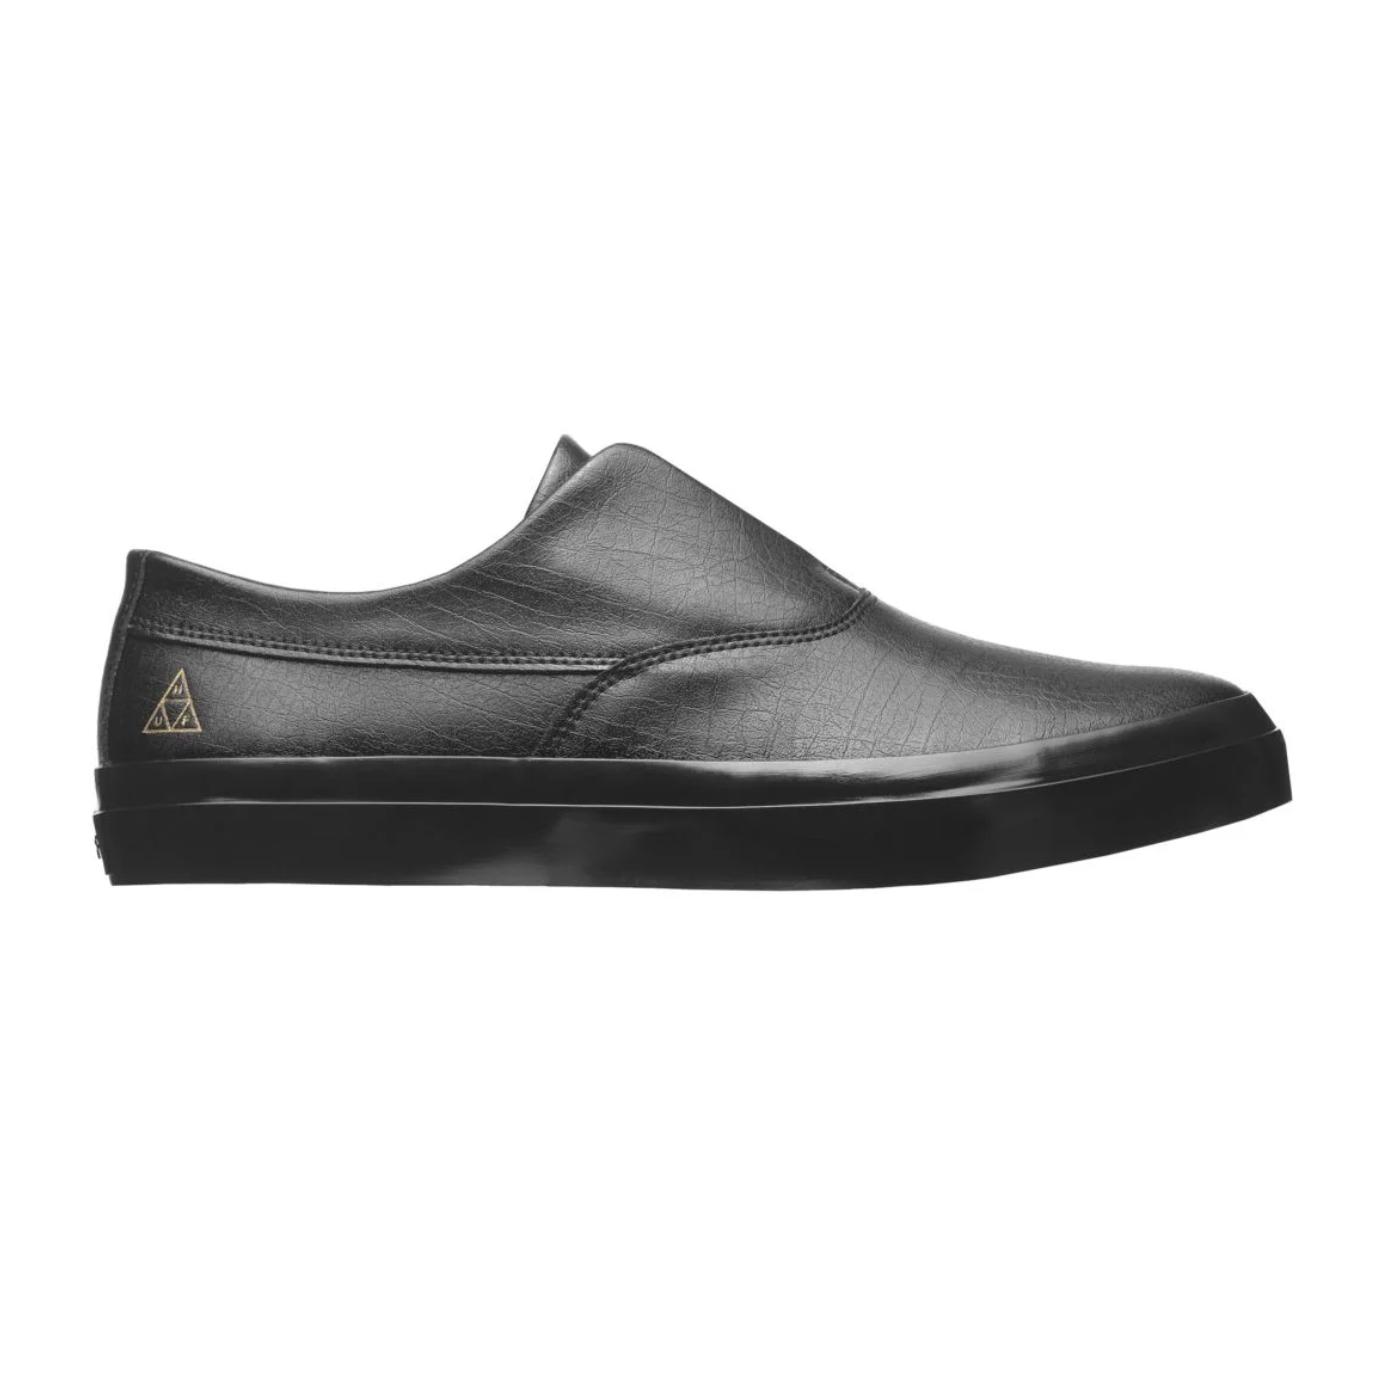 HUF Dylan Slip On Black/Black Full Leather